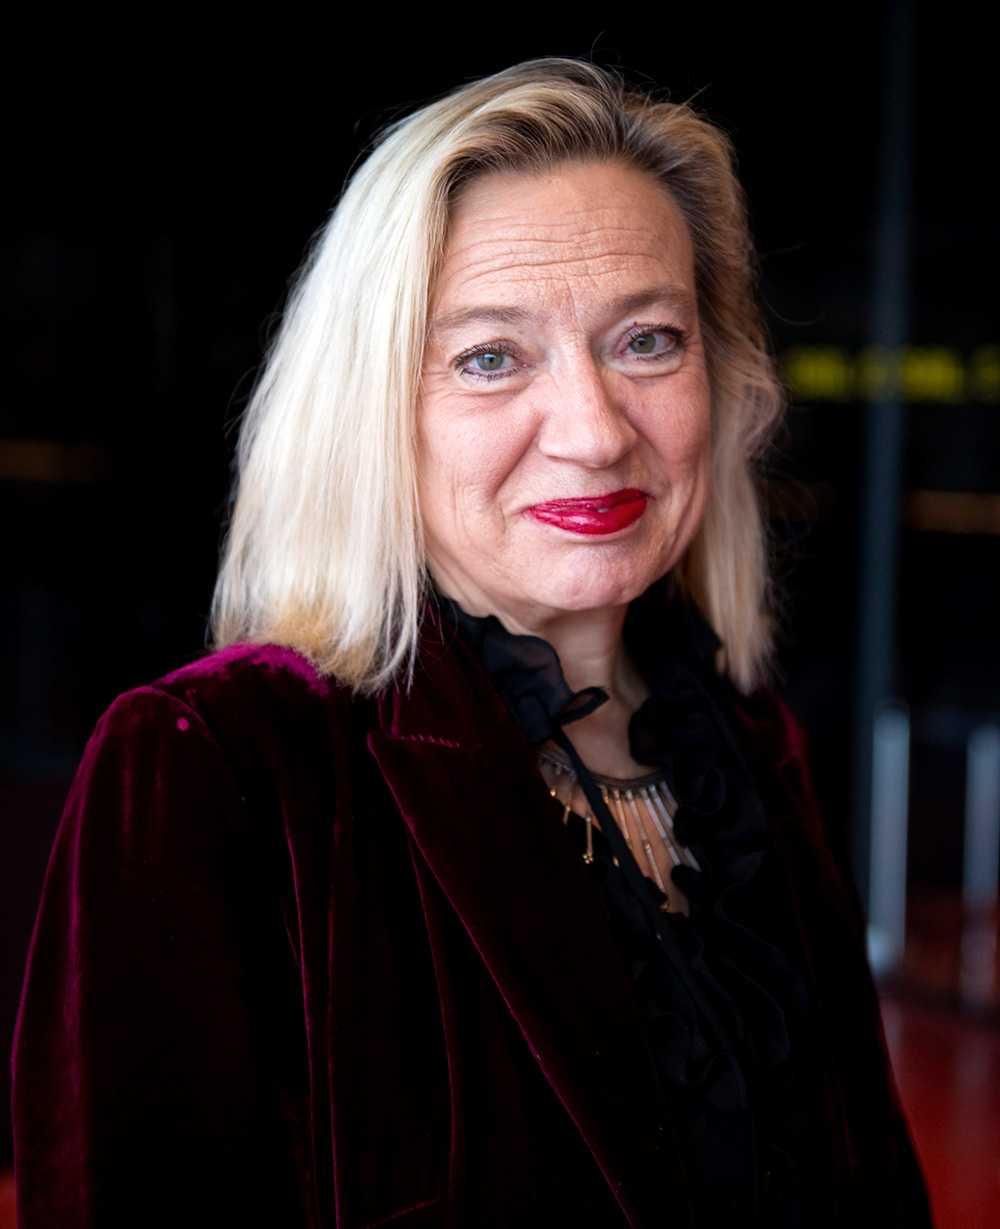 """""""Det är en samvetsfråga. Är man väldigt sjuk och känner att man inte orkar leva längre, och har kommunicerat sina anhöriga om det, då ska man få möjlighet att somna in på ett sätt som man själv bestämmer"""", säger Karin Rågsjö (V)."""